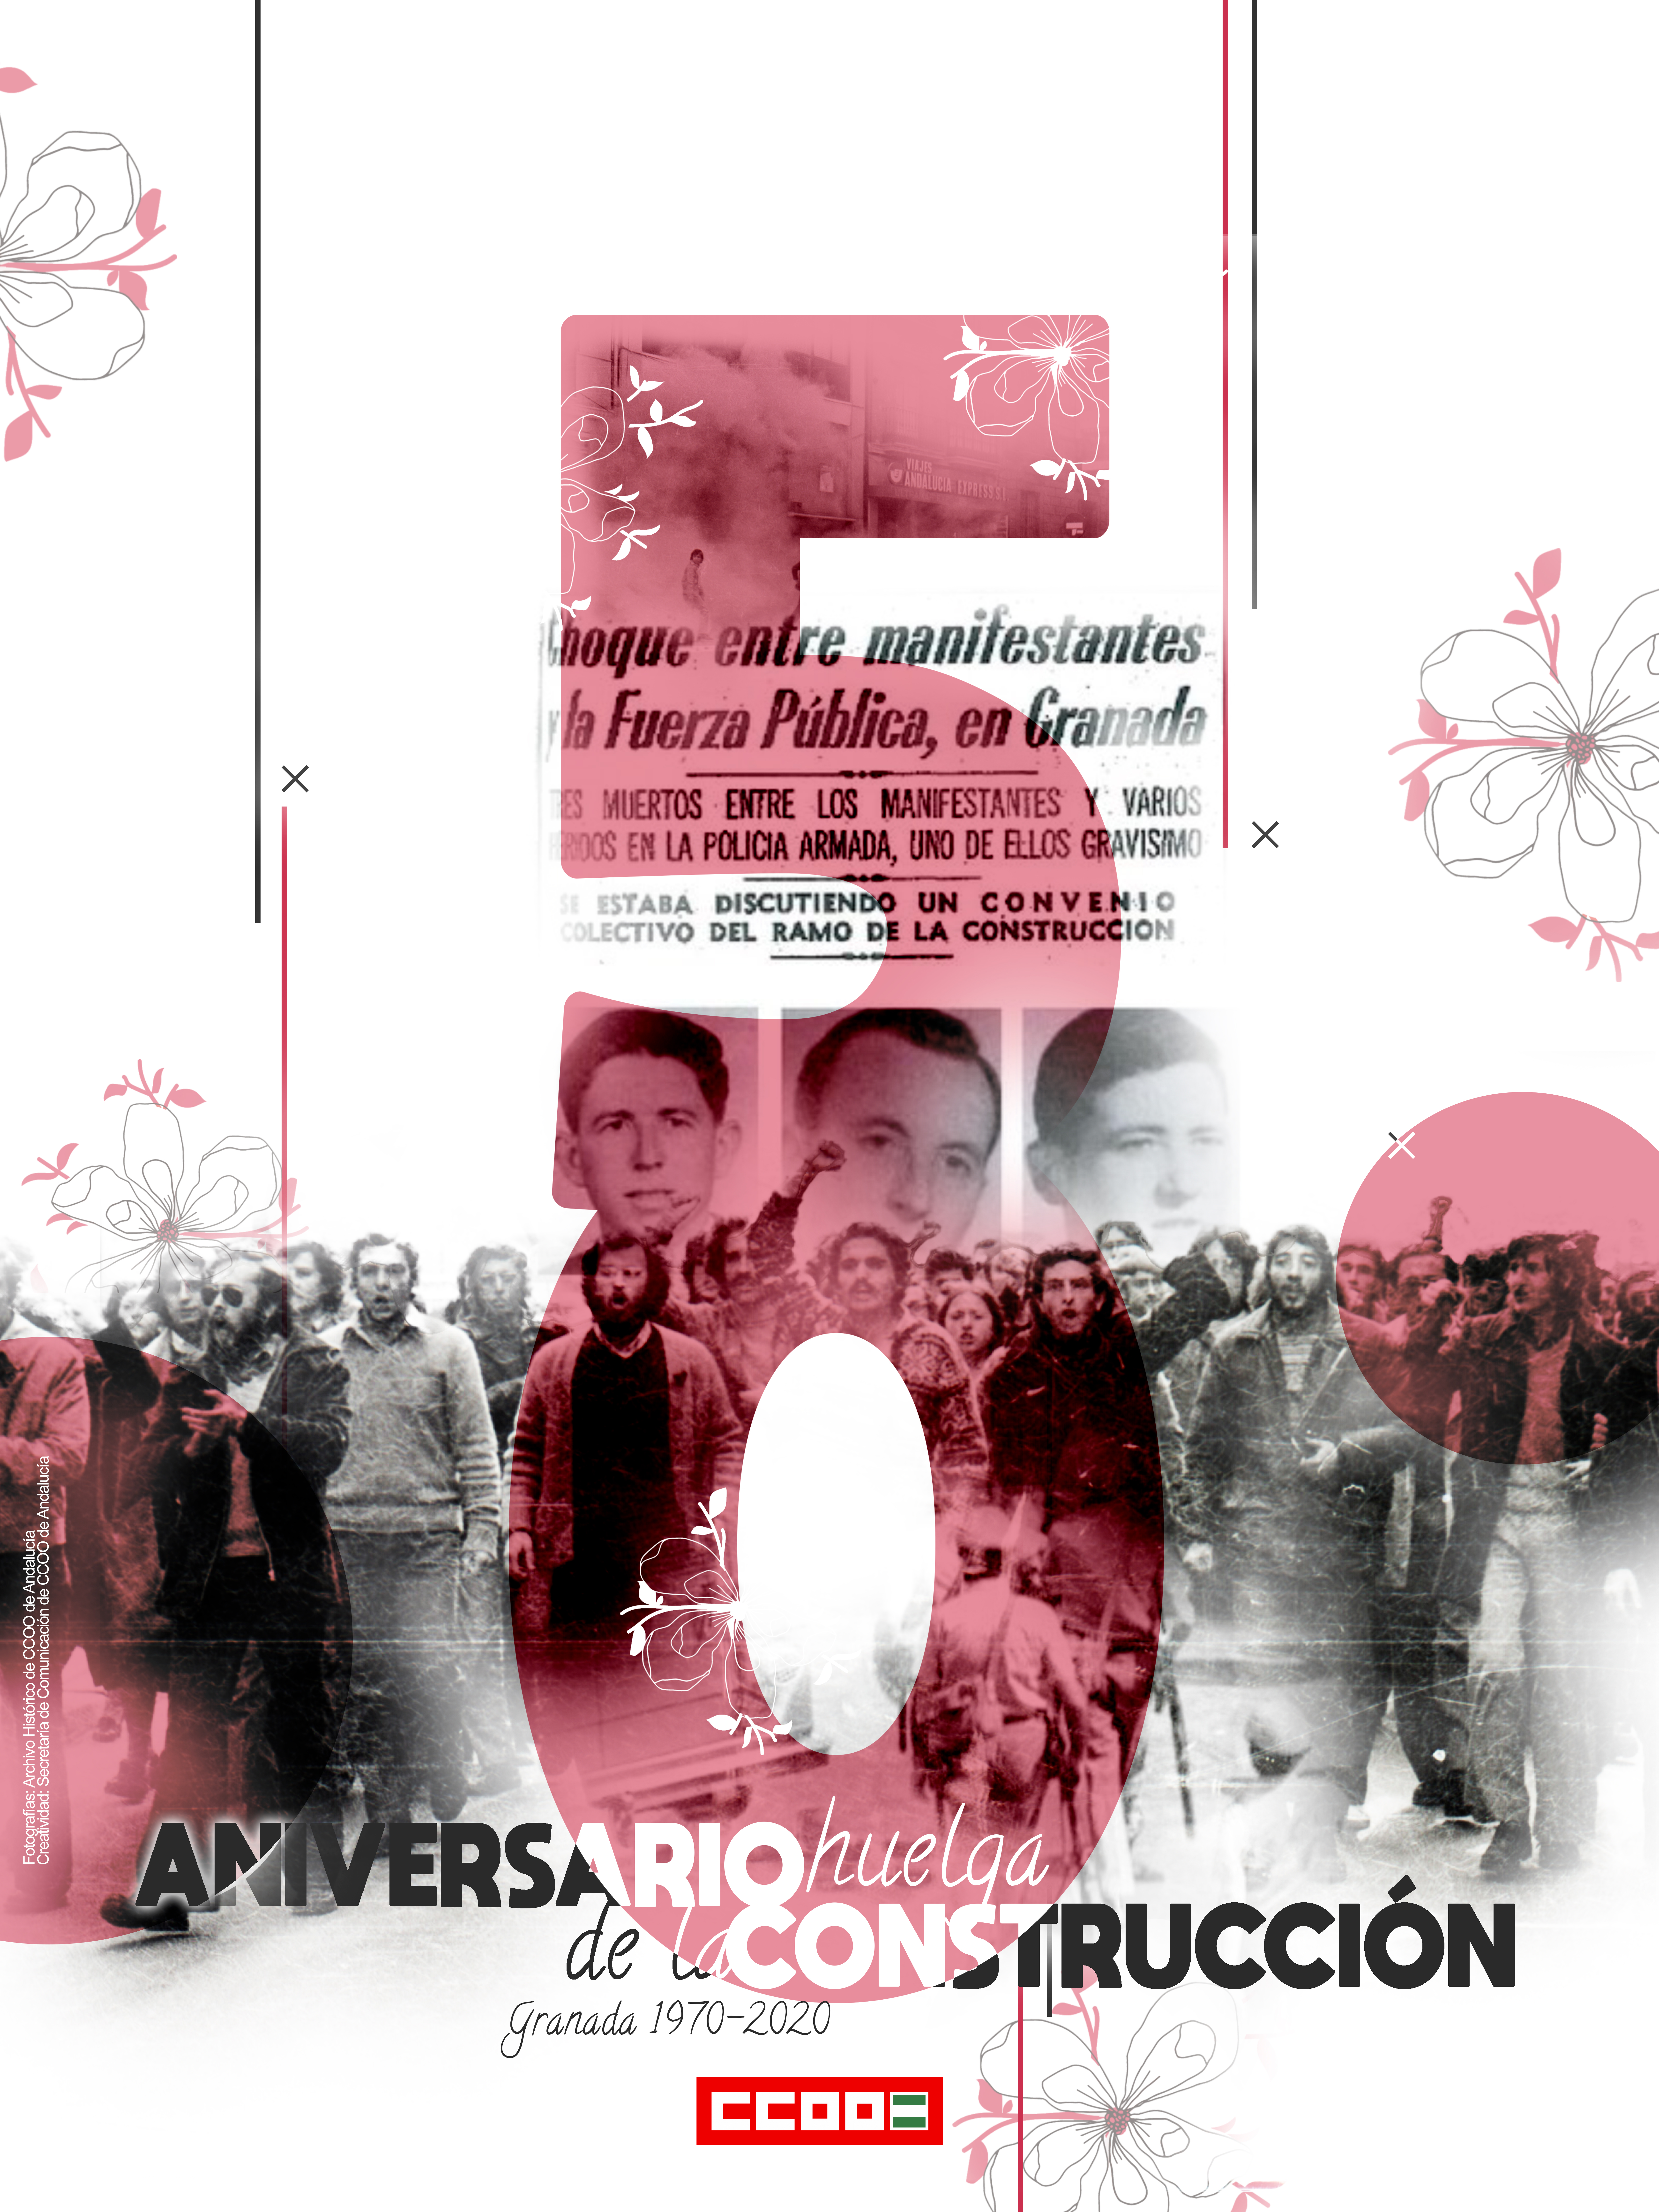 CCOO rinde homenaje a los tres obreros de la construcción asesinados en el 50 aniversario de la huelga de 1970